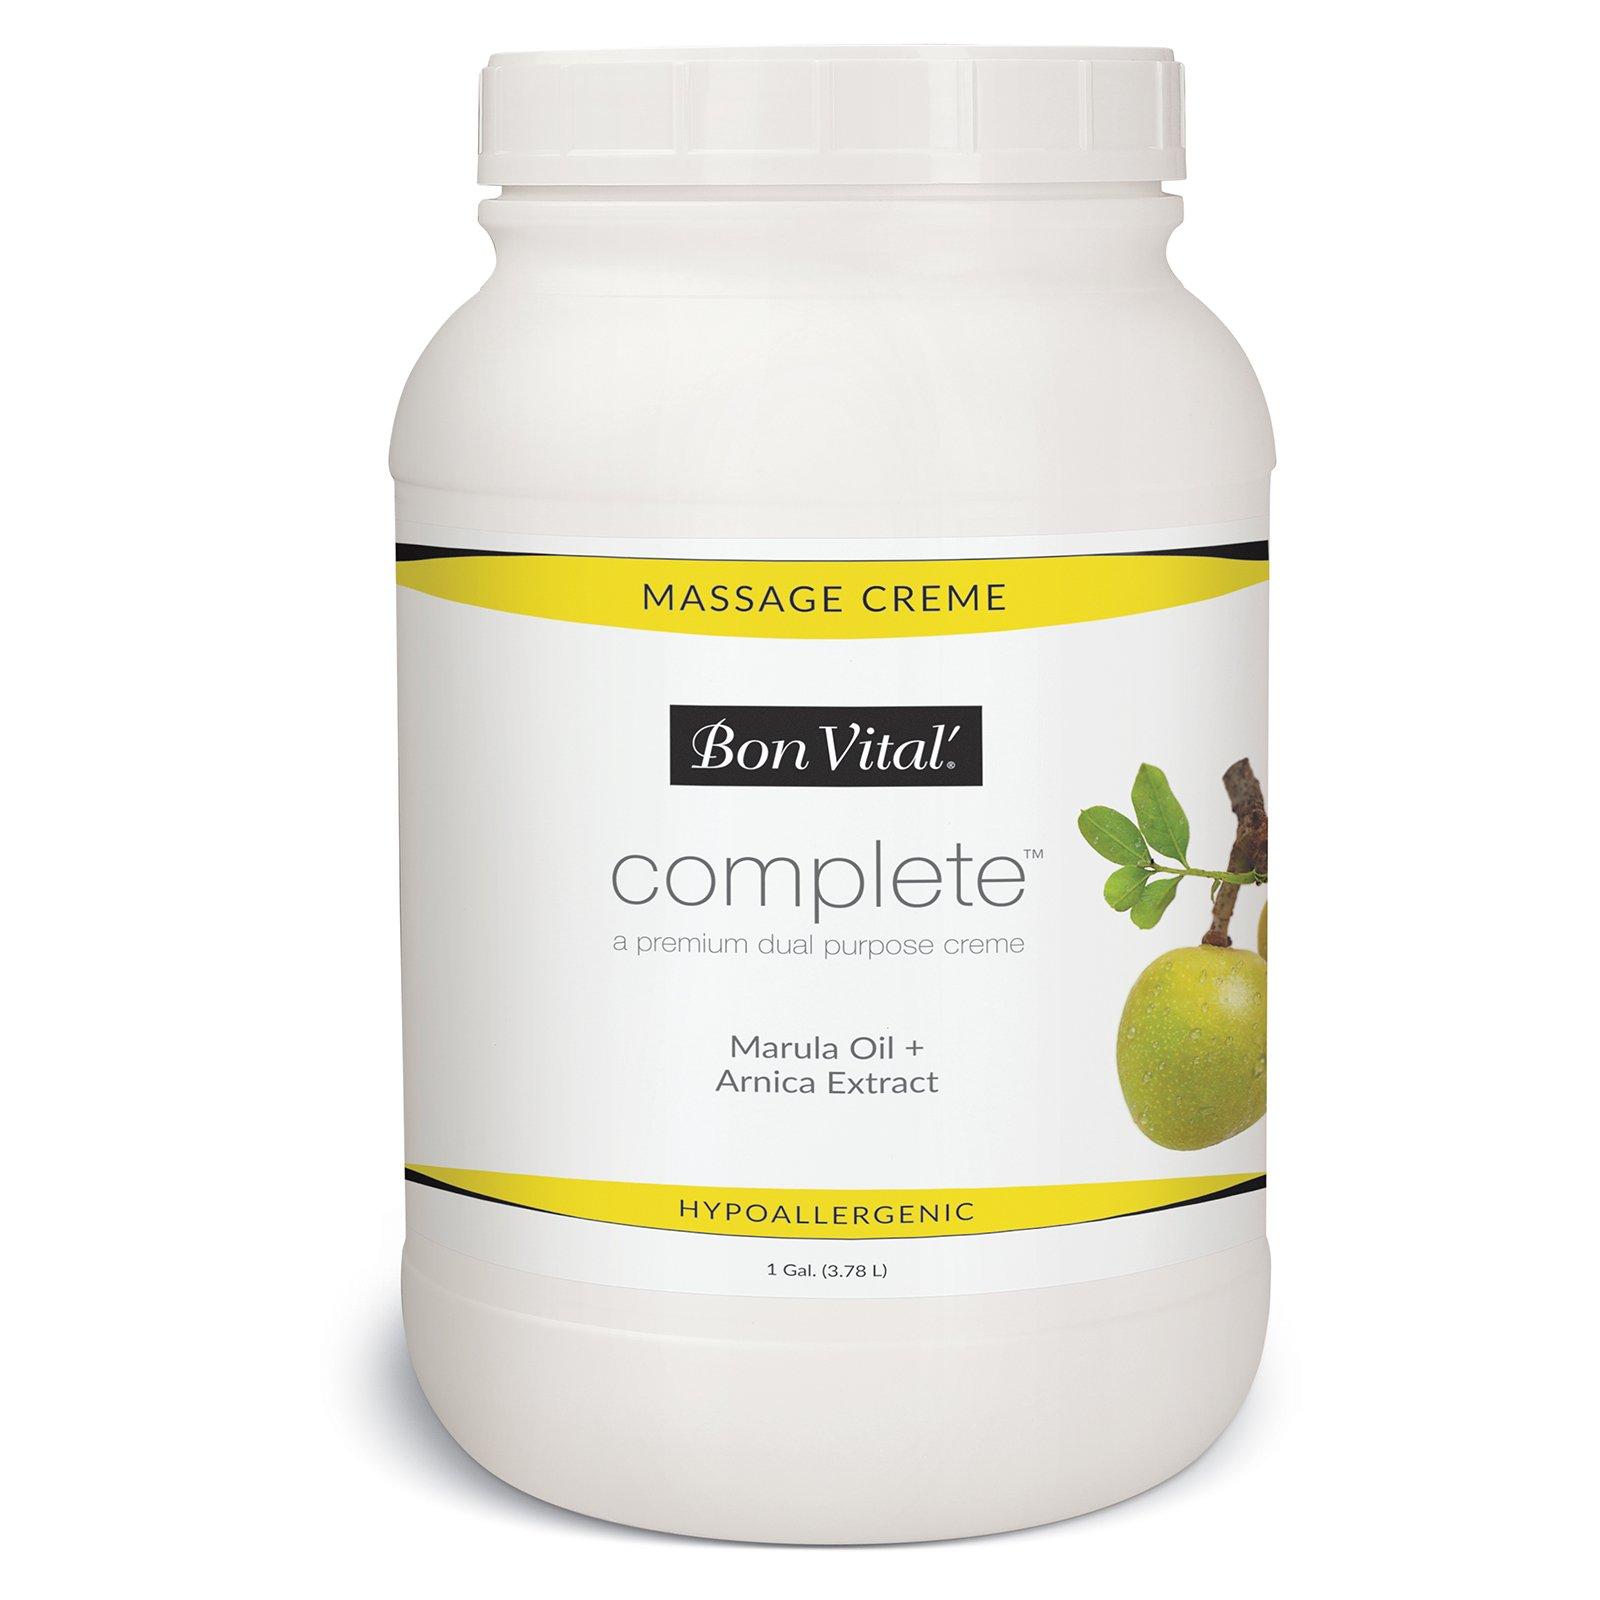 Bon Vital Complete Massage Creme, Premium Dual Purpose Cream for Hypoallergenic Professional Massages, Non Greasy Unscented Moisturizer Made with Marula, Olive, Avocado, Jojoba Oil, 1 Gallon